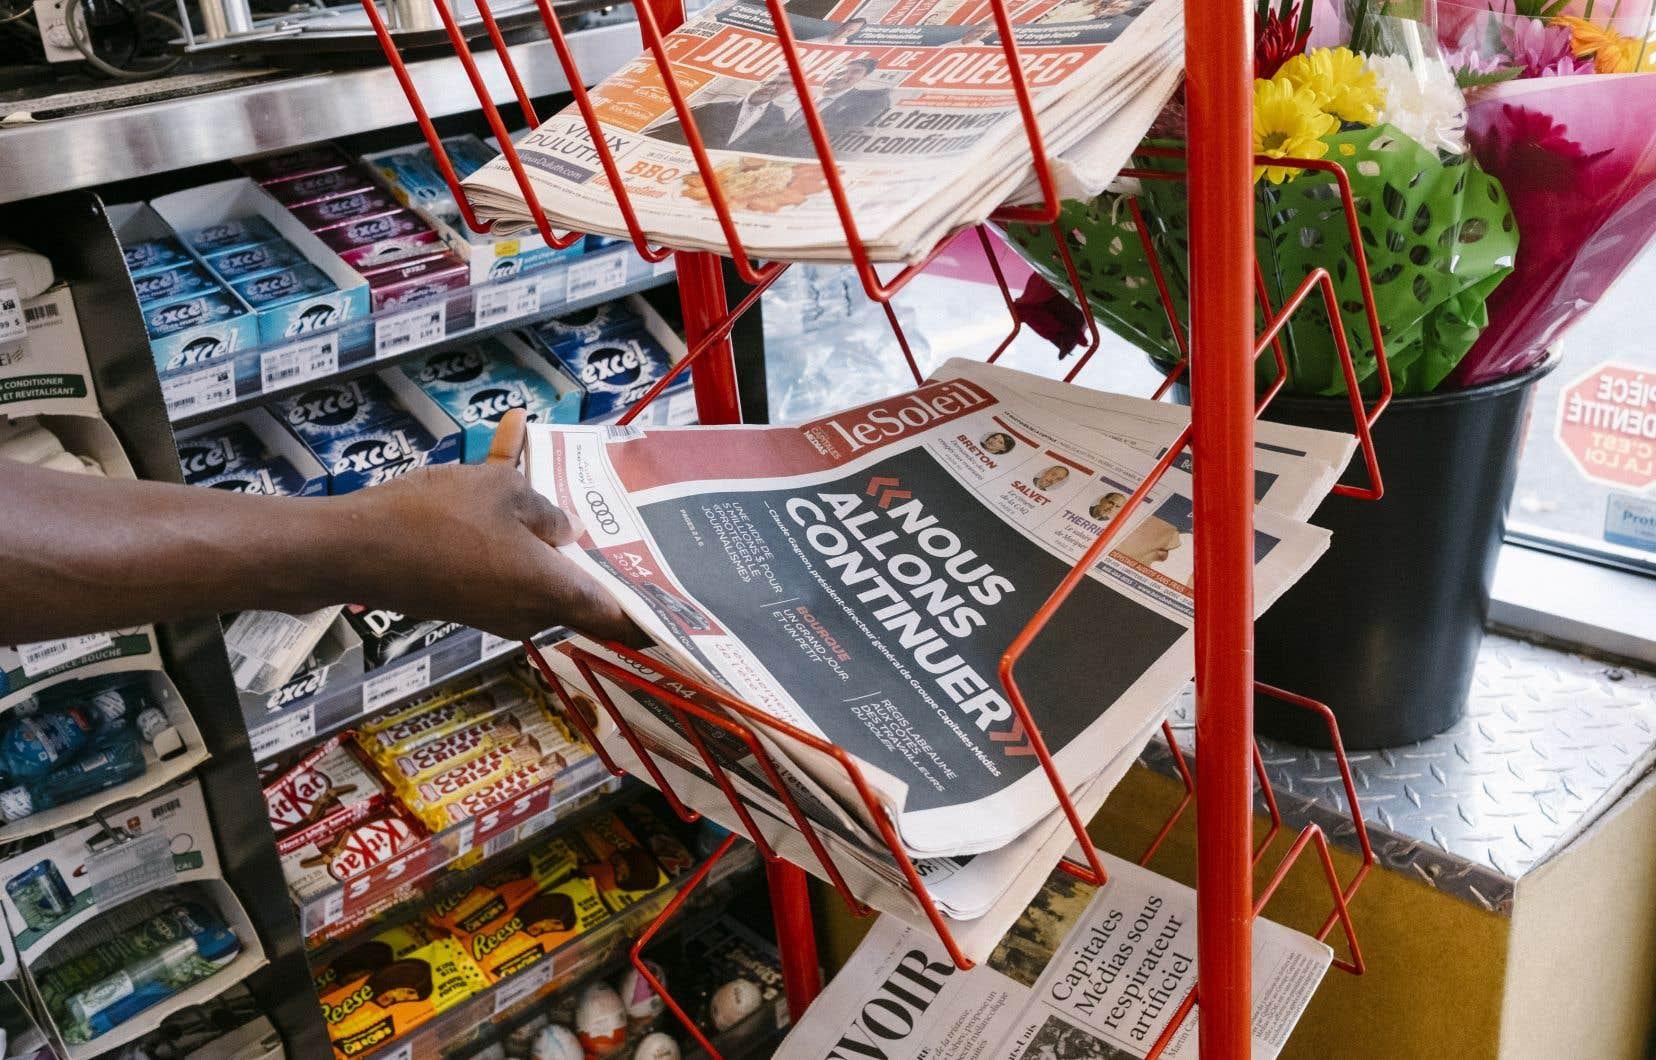 La Coopérative regroupe les journaux <em>Le Soleil</em> (Quebec), <em>Le Droit</em> (Ottawa), <em>La Tribune</em> (Sherbrooke), <em>Le Nouvelliste</em> (Trois Rivieres), <em>La Voix de l'Est</em> (Granby), <em>Le Quotidien</em> (Saguenay).